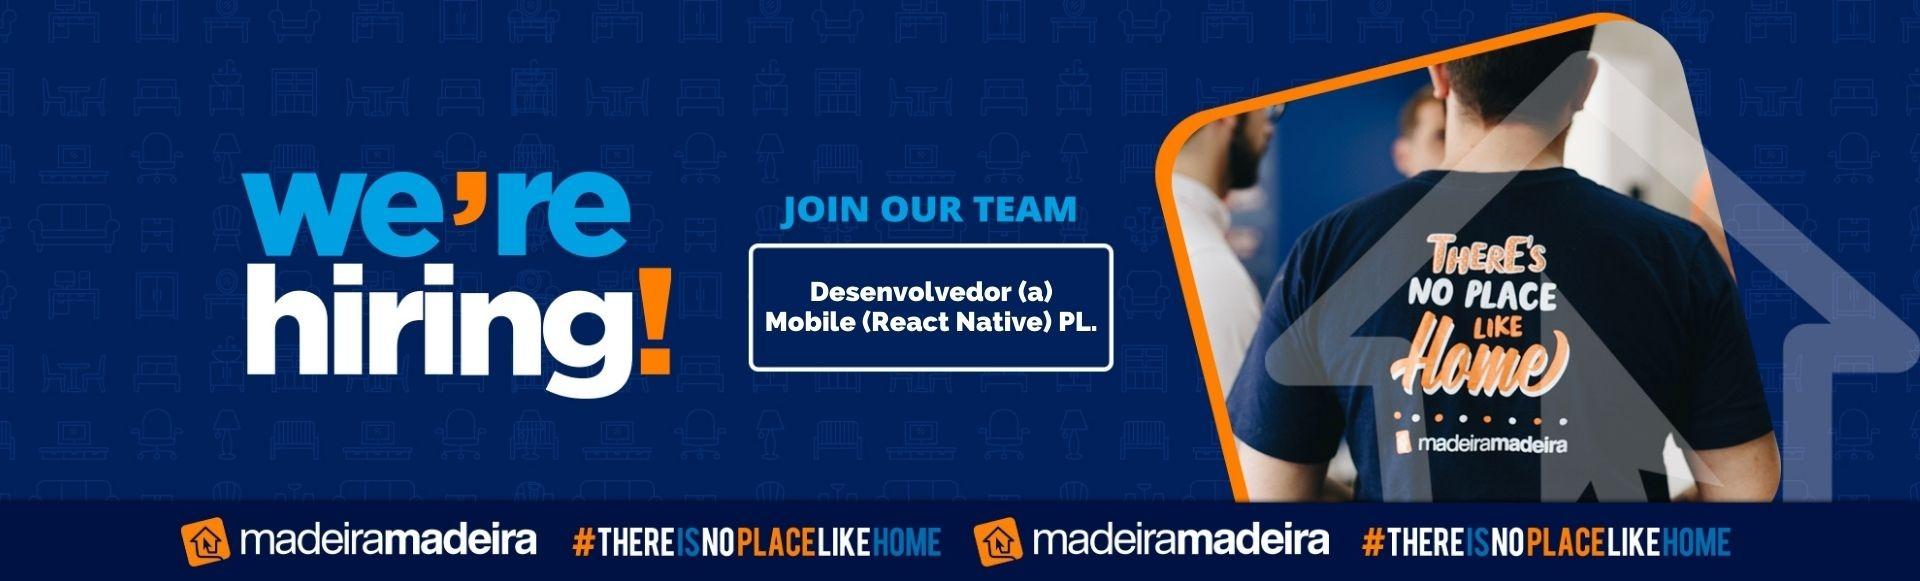 Desenvolvedor (a) Mobile (React Native) PL